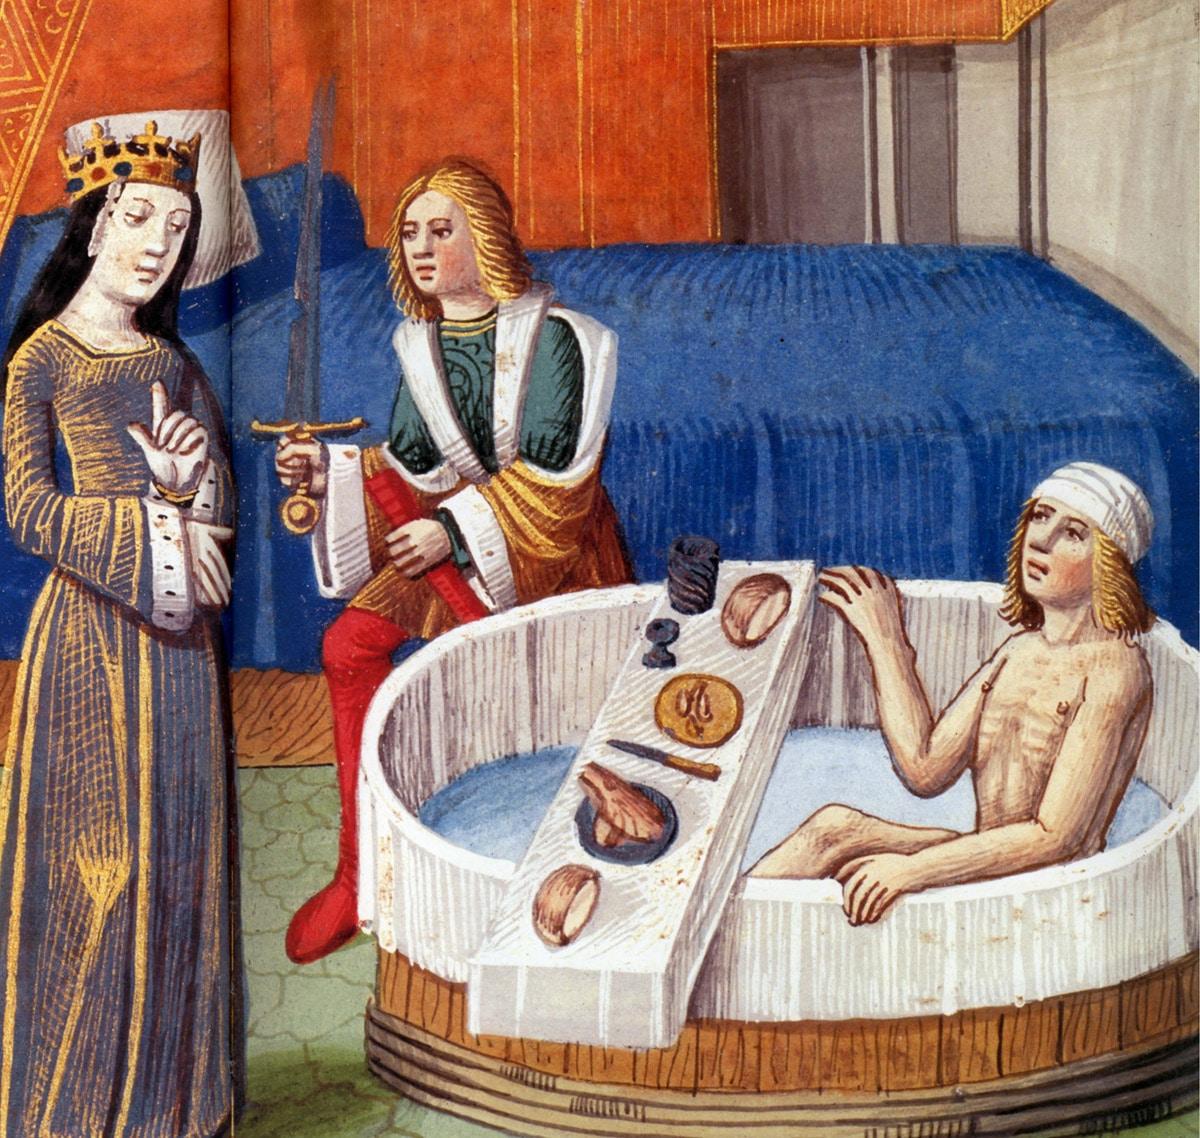 Tristan dans son bain, miniature de 1480.